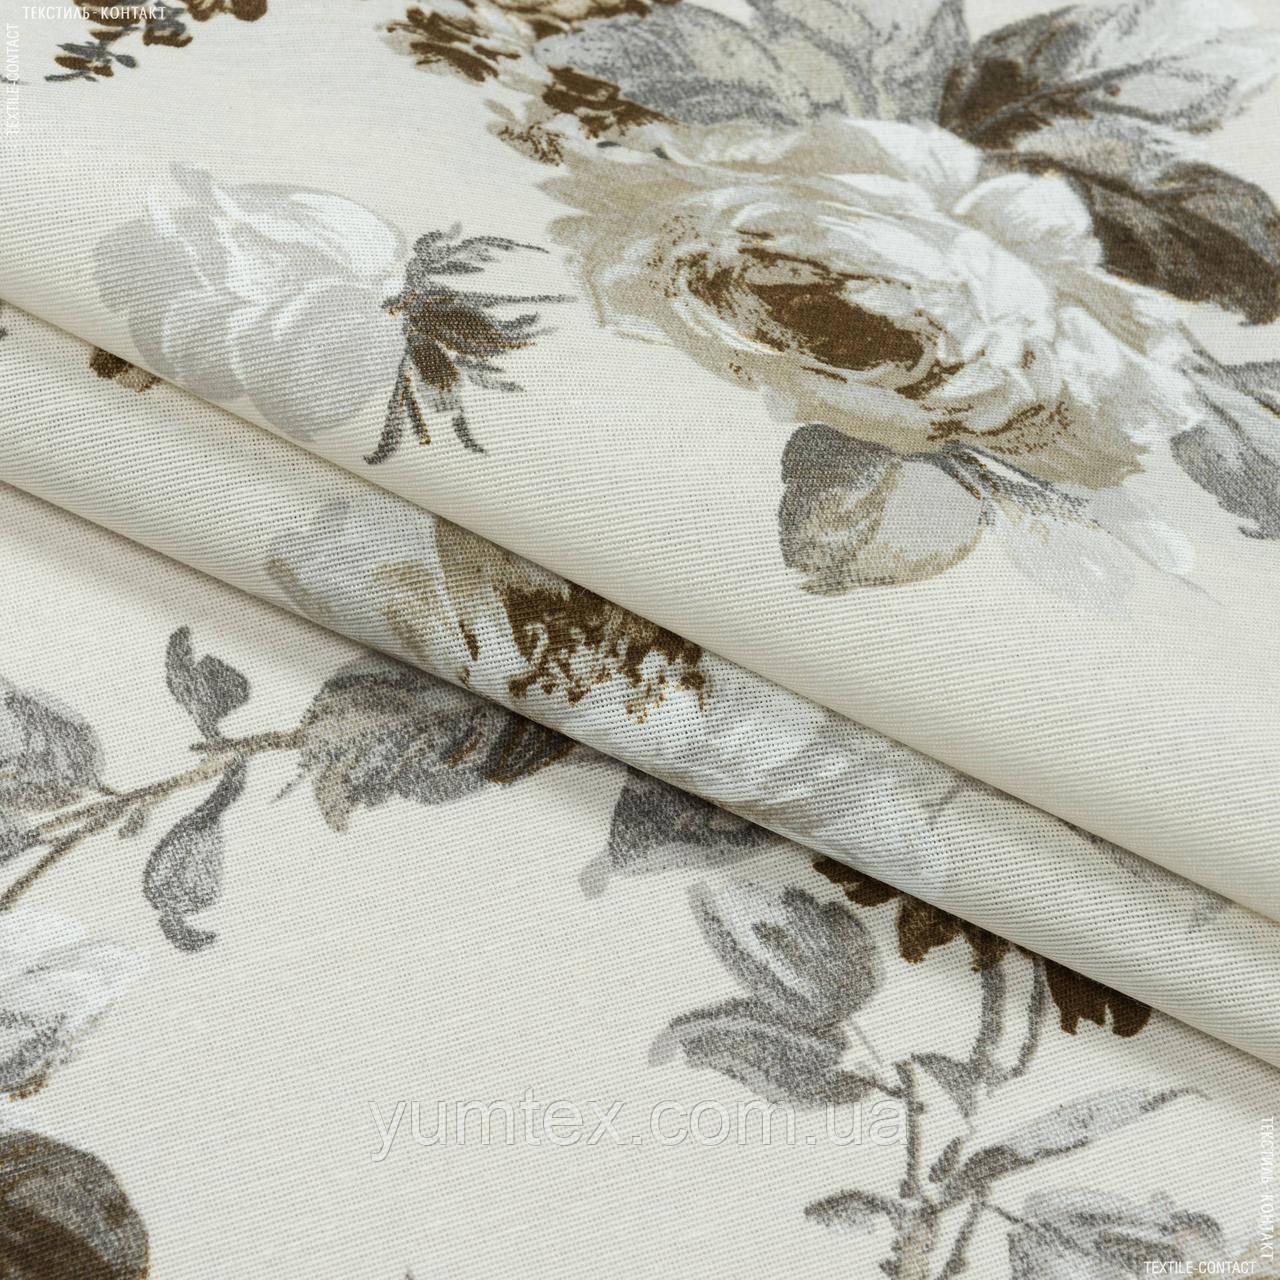 Декоративна тканина лонета еліана/eliana квіти великі сірий бежевий,молочний фон 148883